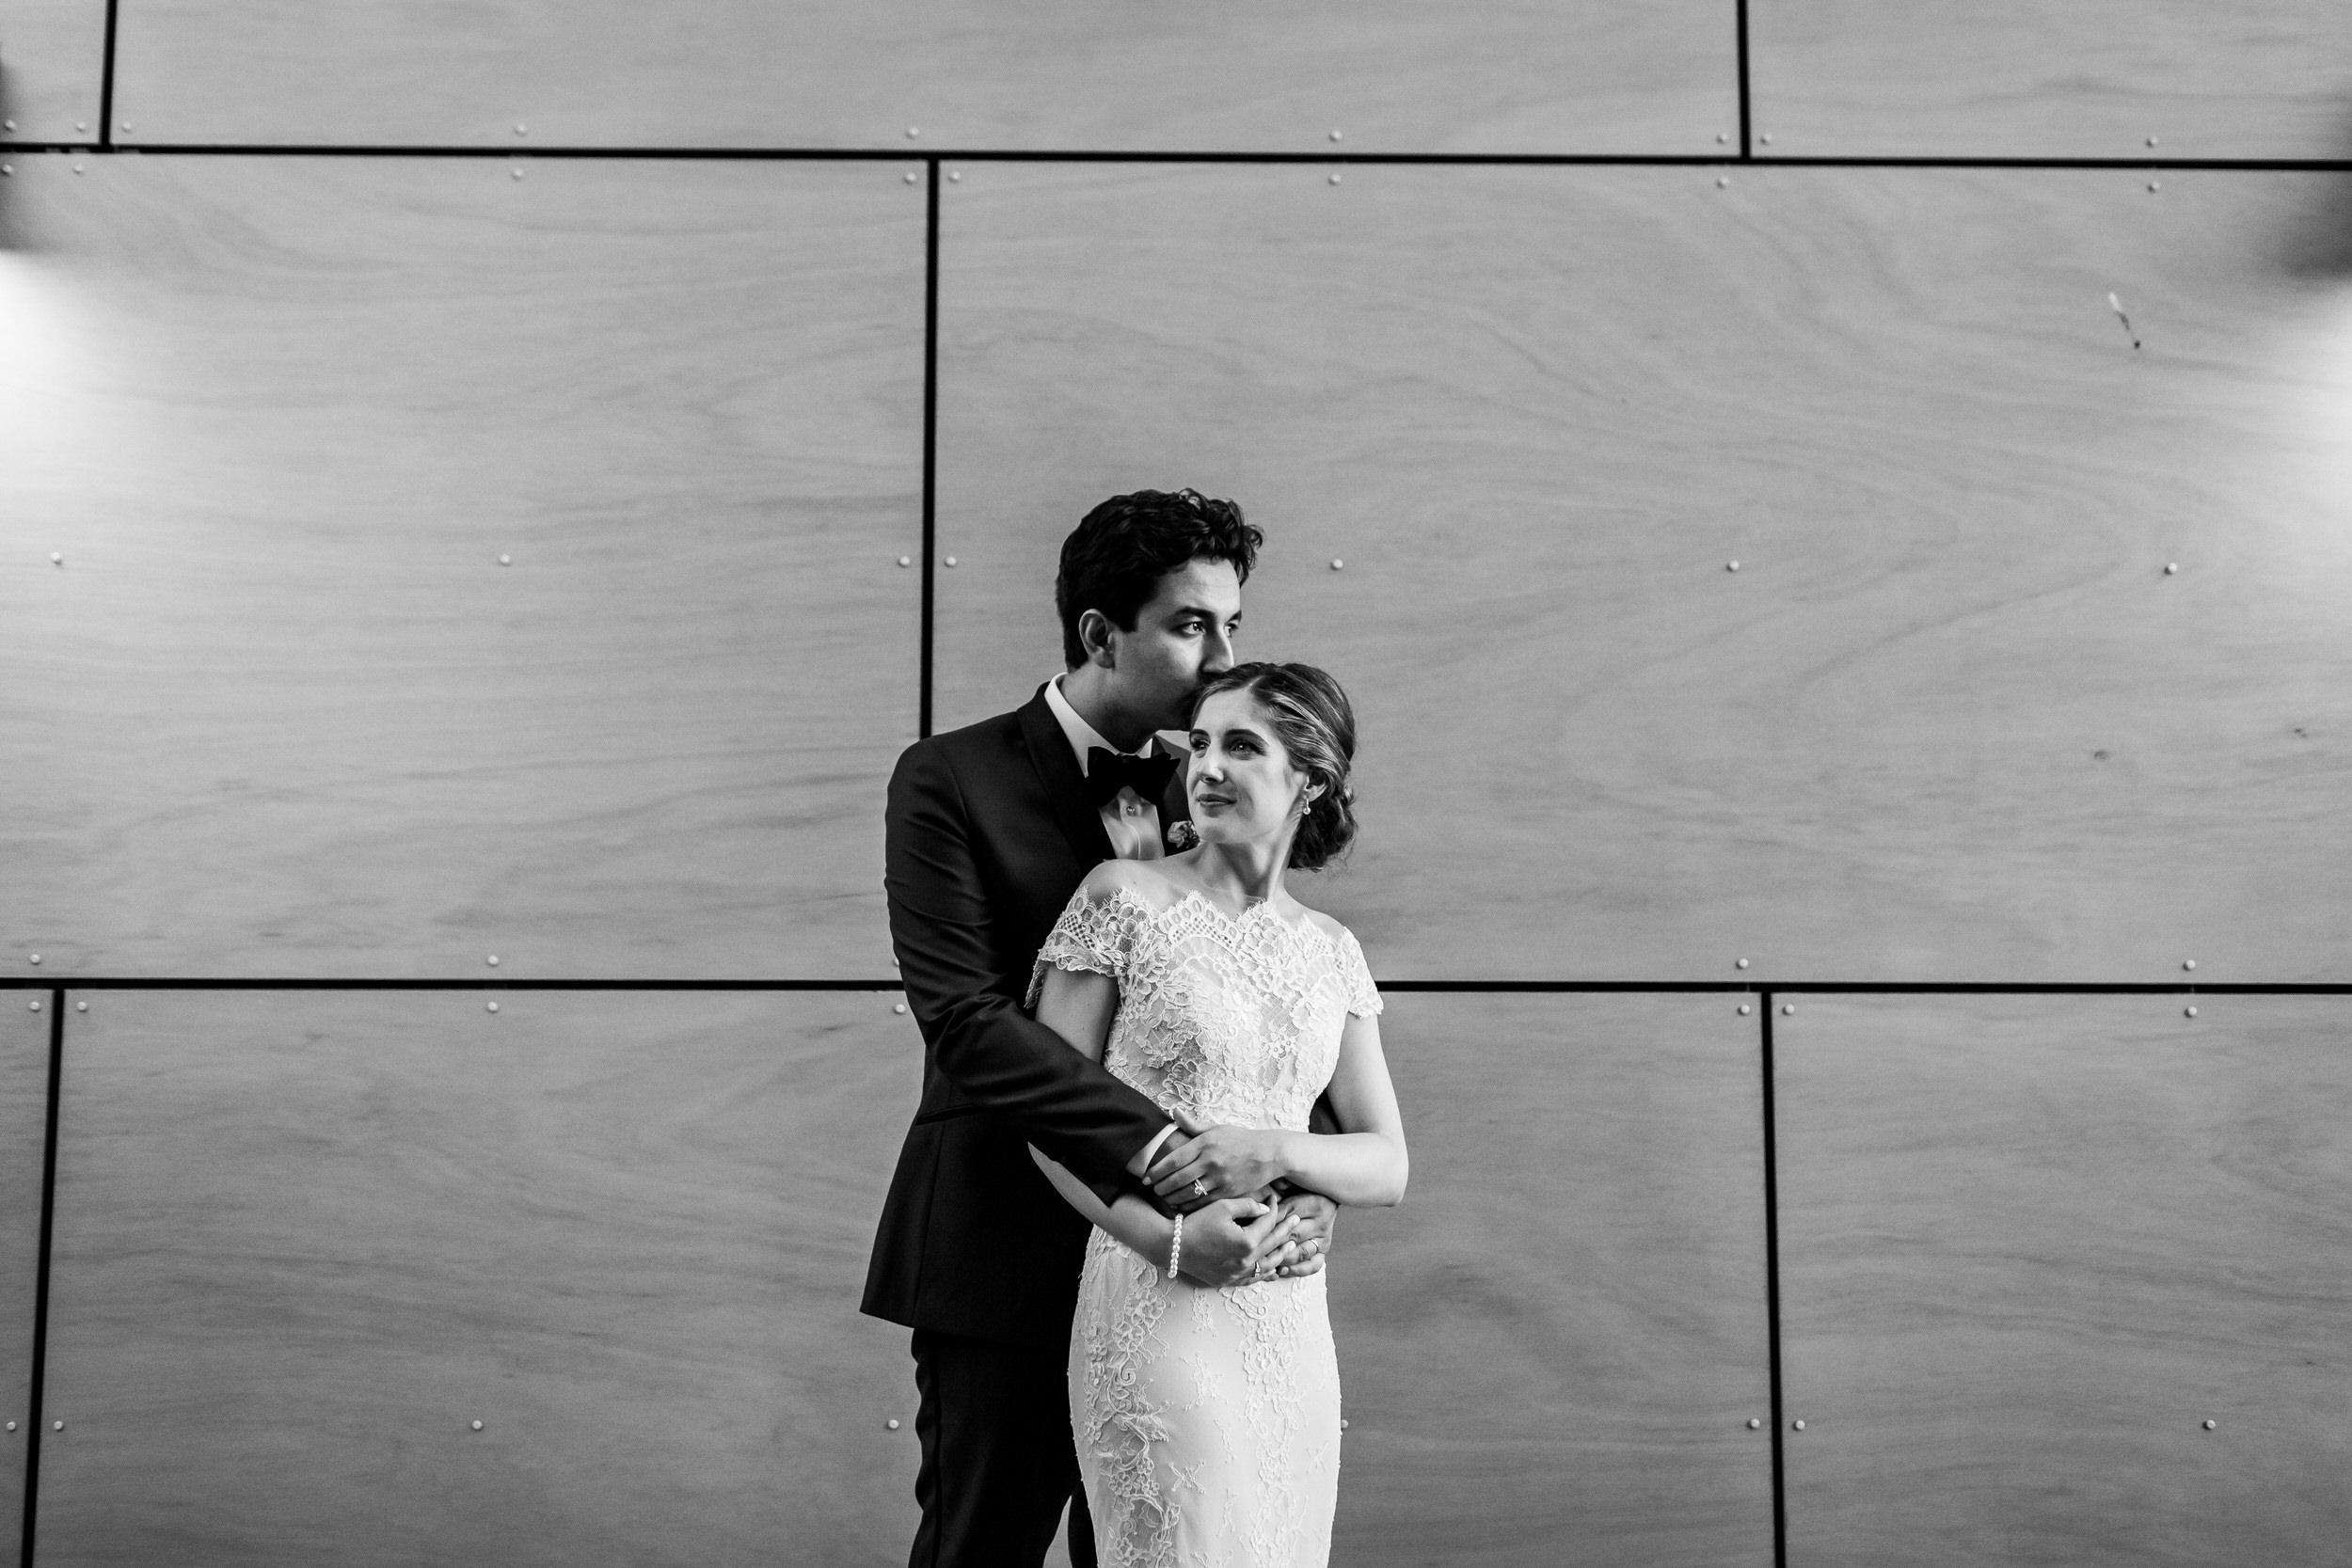 jake_marisa_allison_inn_wedding_starkphotography_052